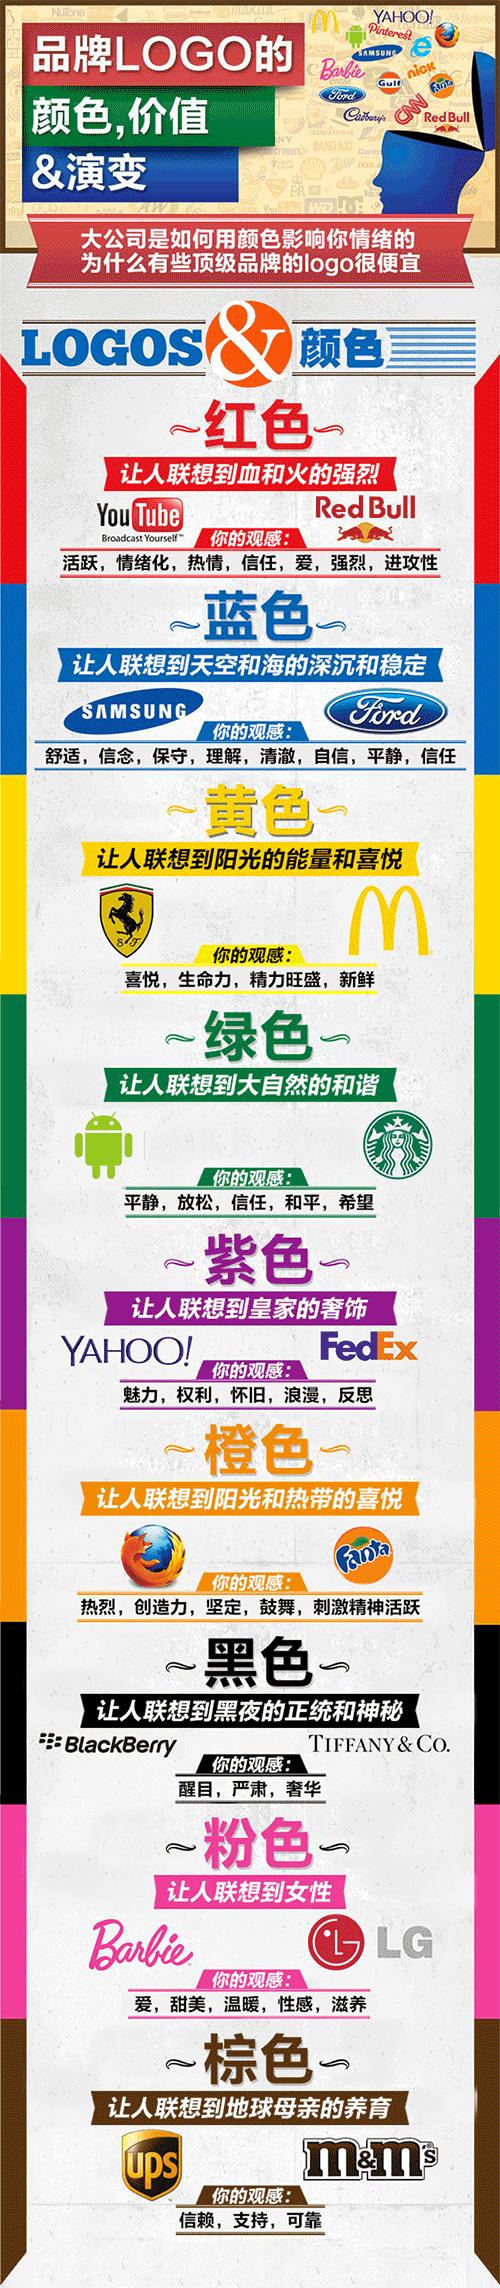 品牌Logo的颜色、价值与演变